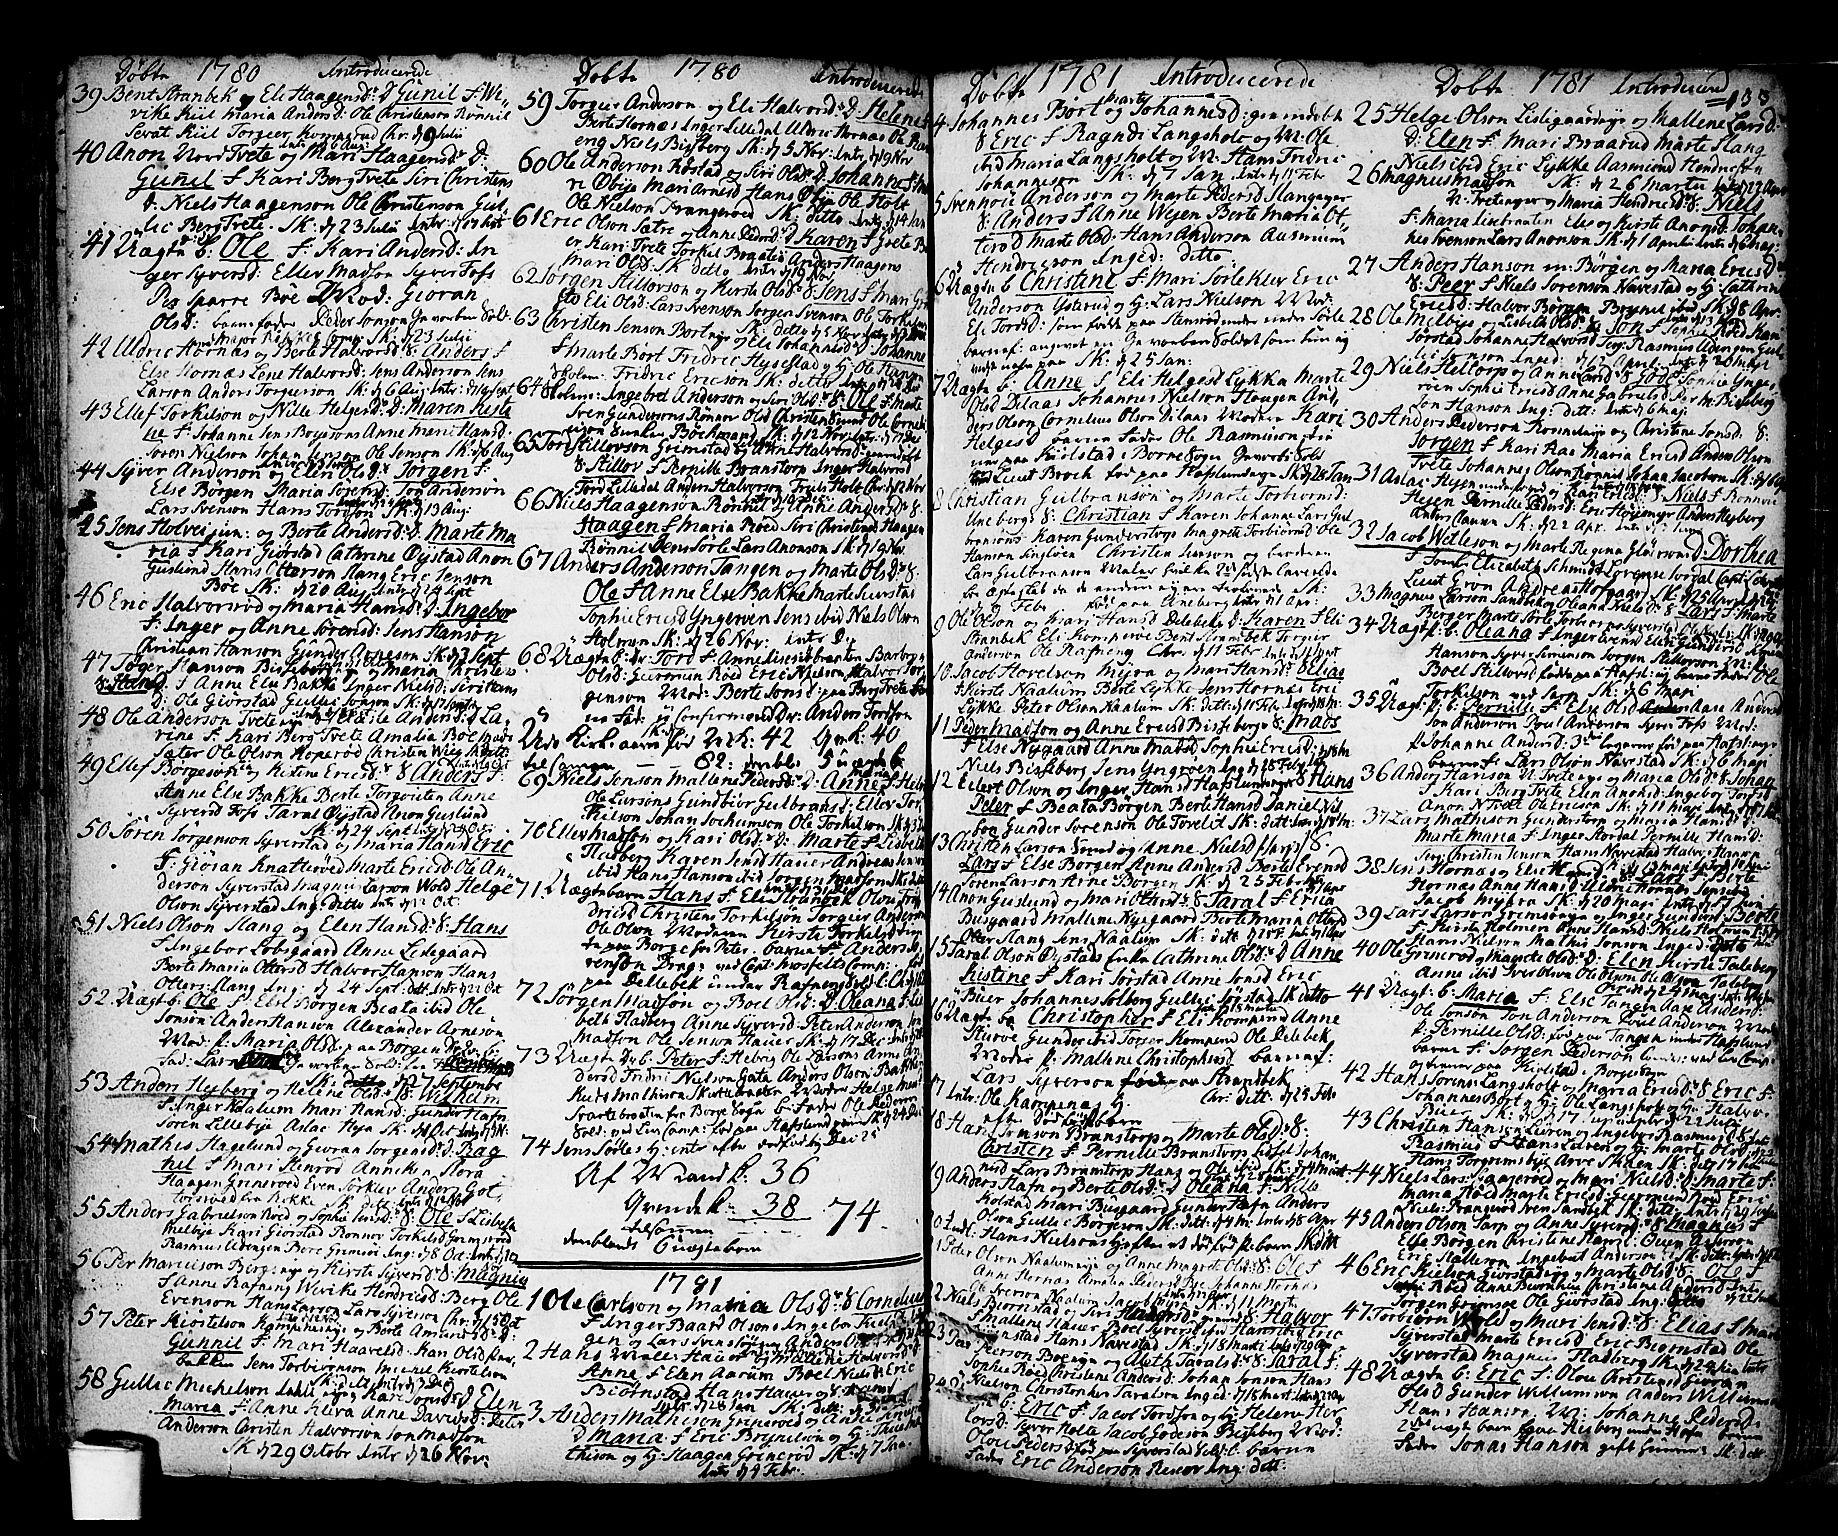 SAO, Skjeberg prestekontor Kirkebøker, F/Fa/L0002: Ministerialbok nr. I 2, 1726-1791, s. 133